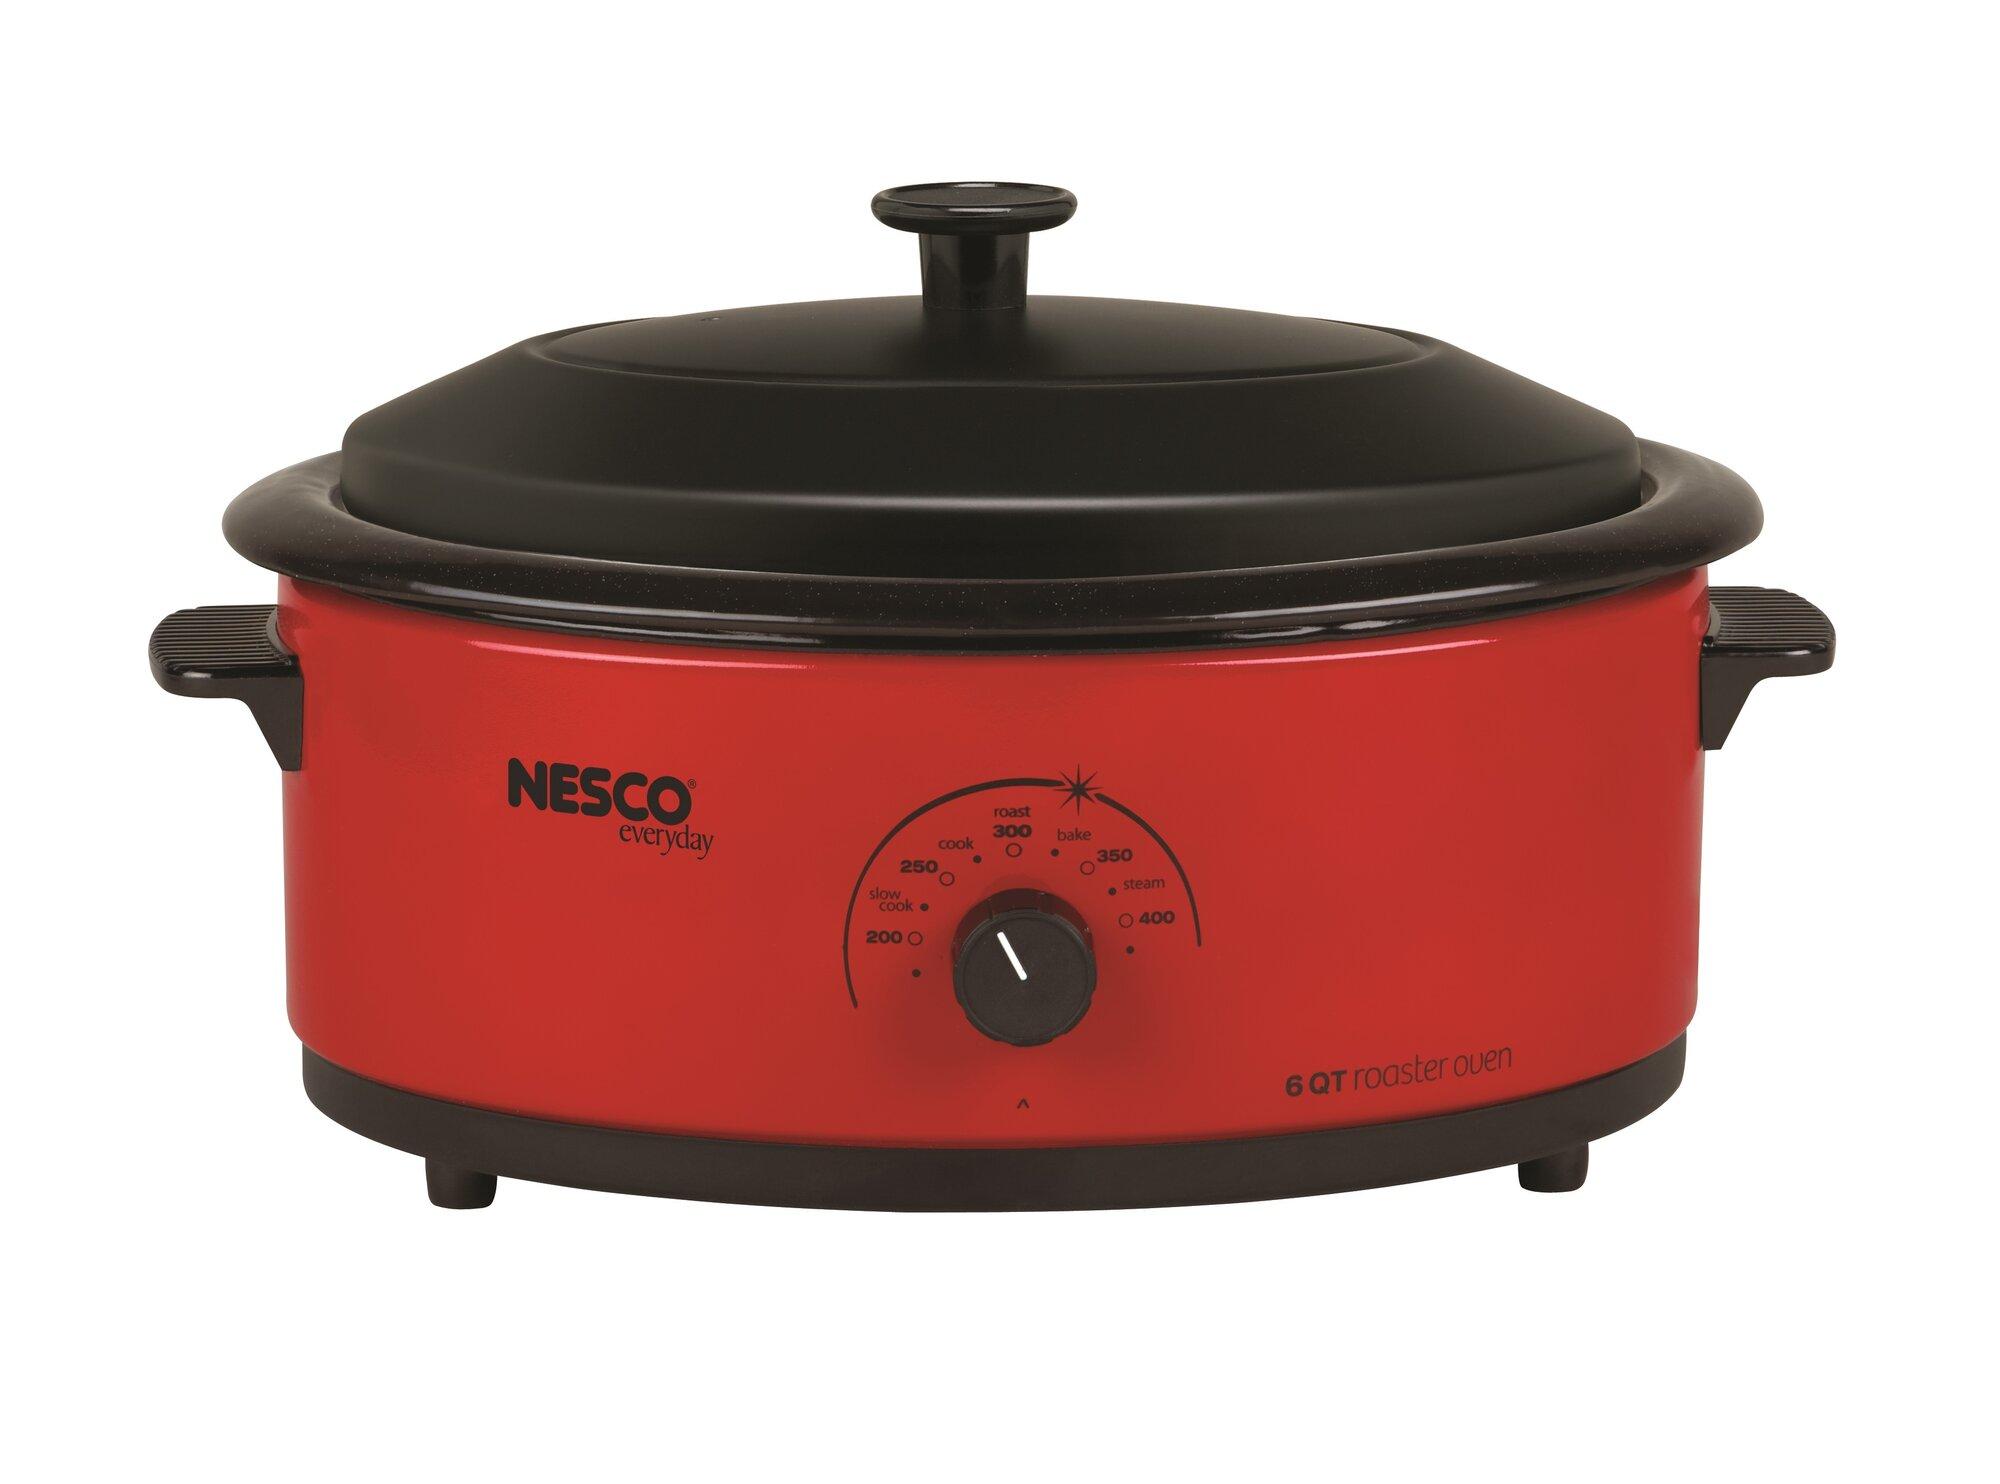 Nesco 481612 6 Quart Roaster Oven